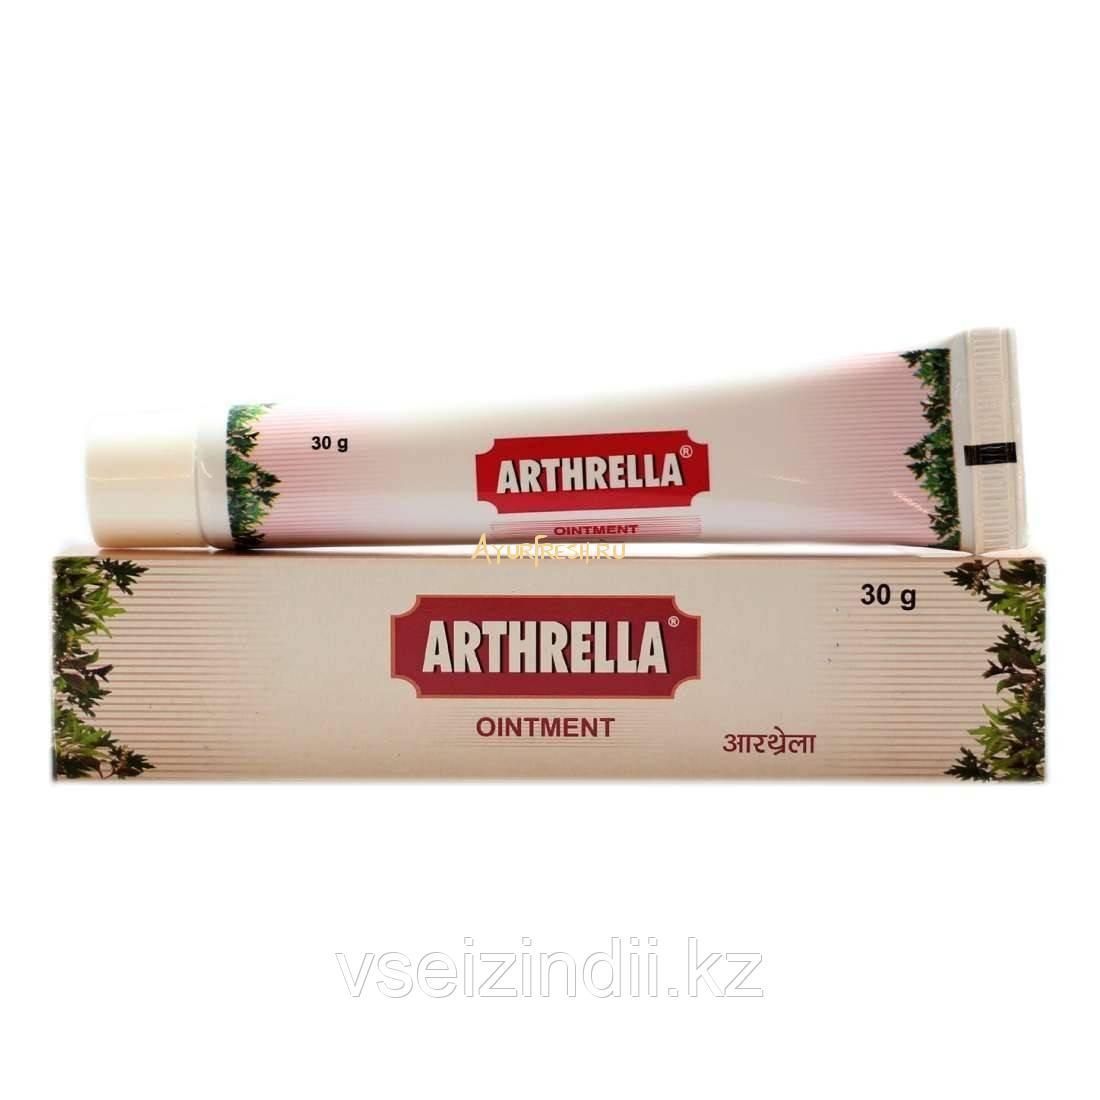 Гель Артрелла, Arthrella - борьба с артритом и подагрой, 30гр